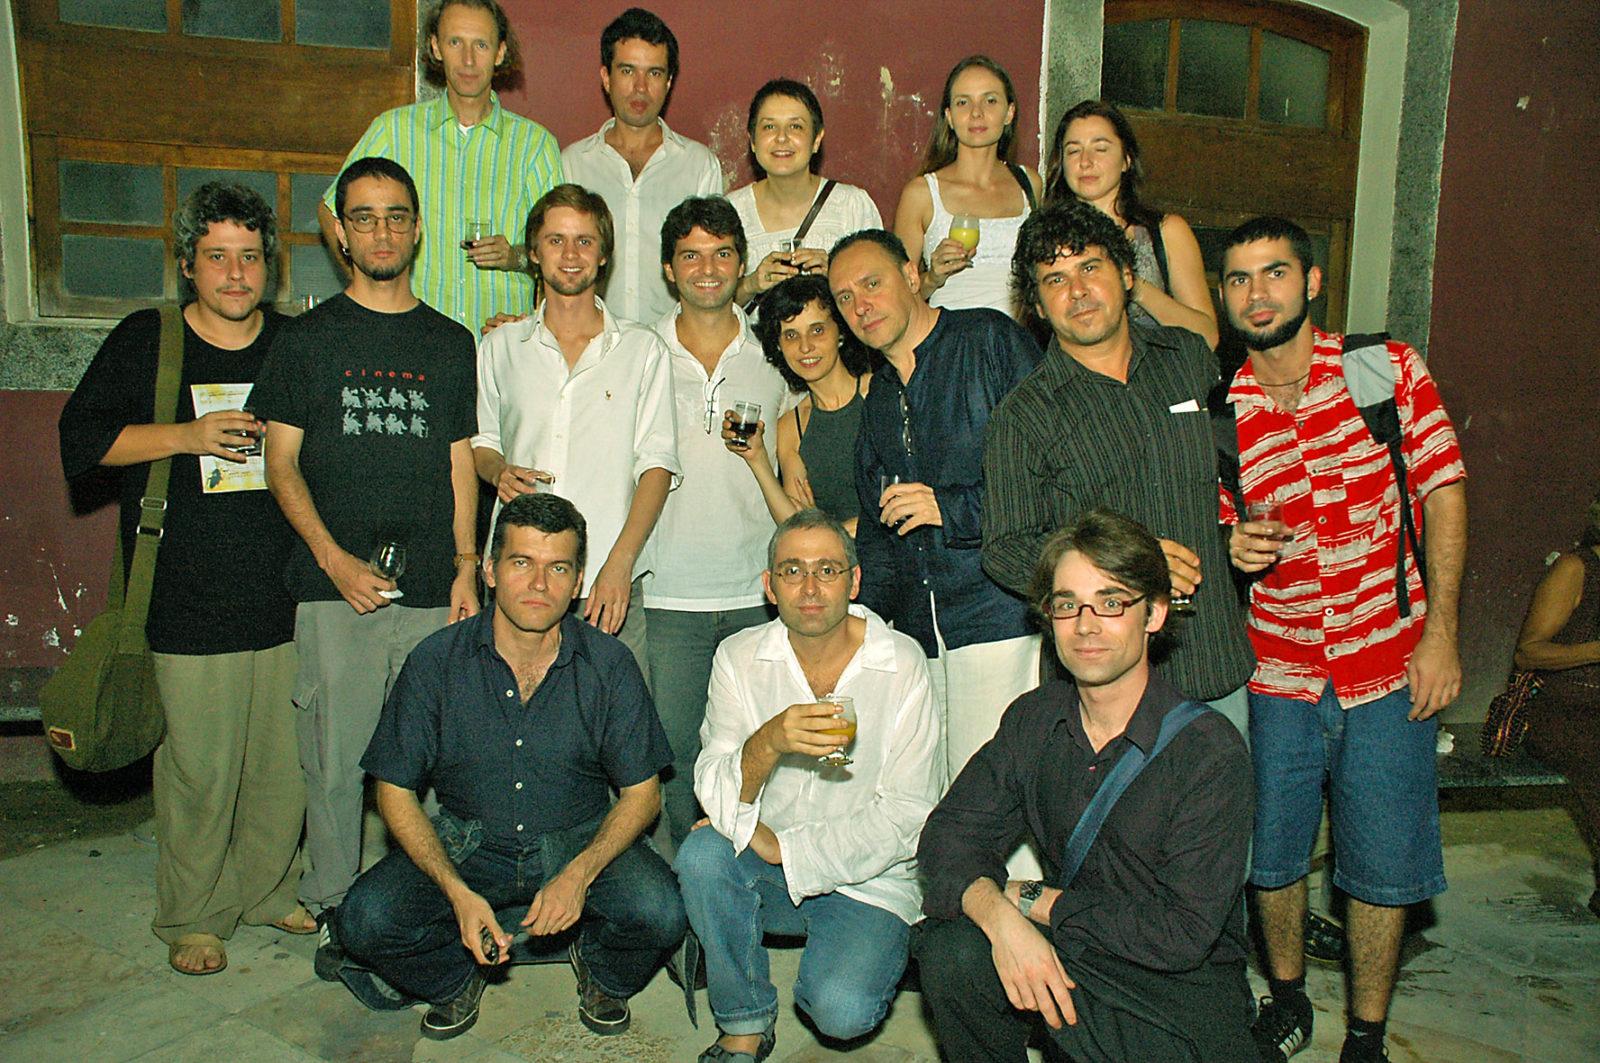 ABERTURA DO FESTIVAL DOS TRæS  CONTINENTES LOCAL:CINEMA APOLO FOTO:Lò STREITHORST DATA: 10.04.2006